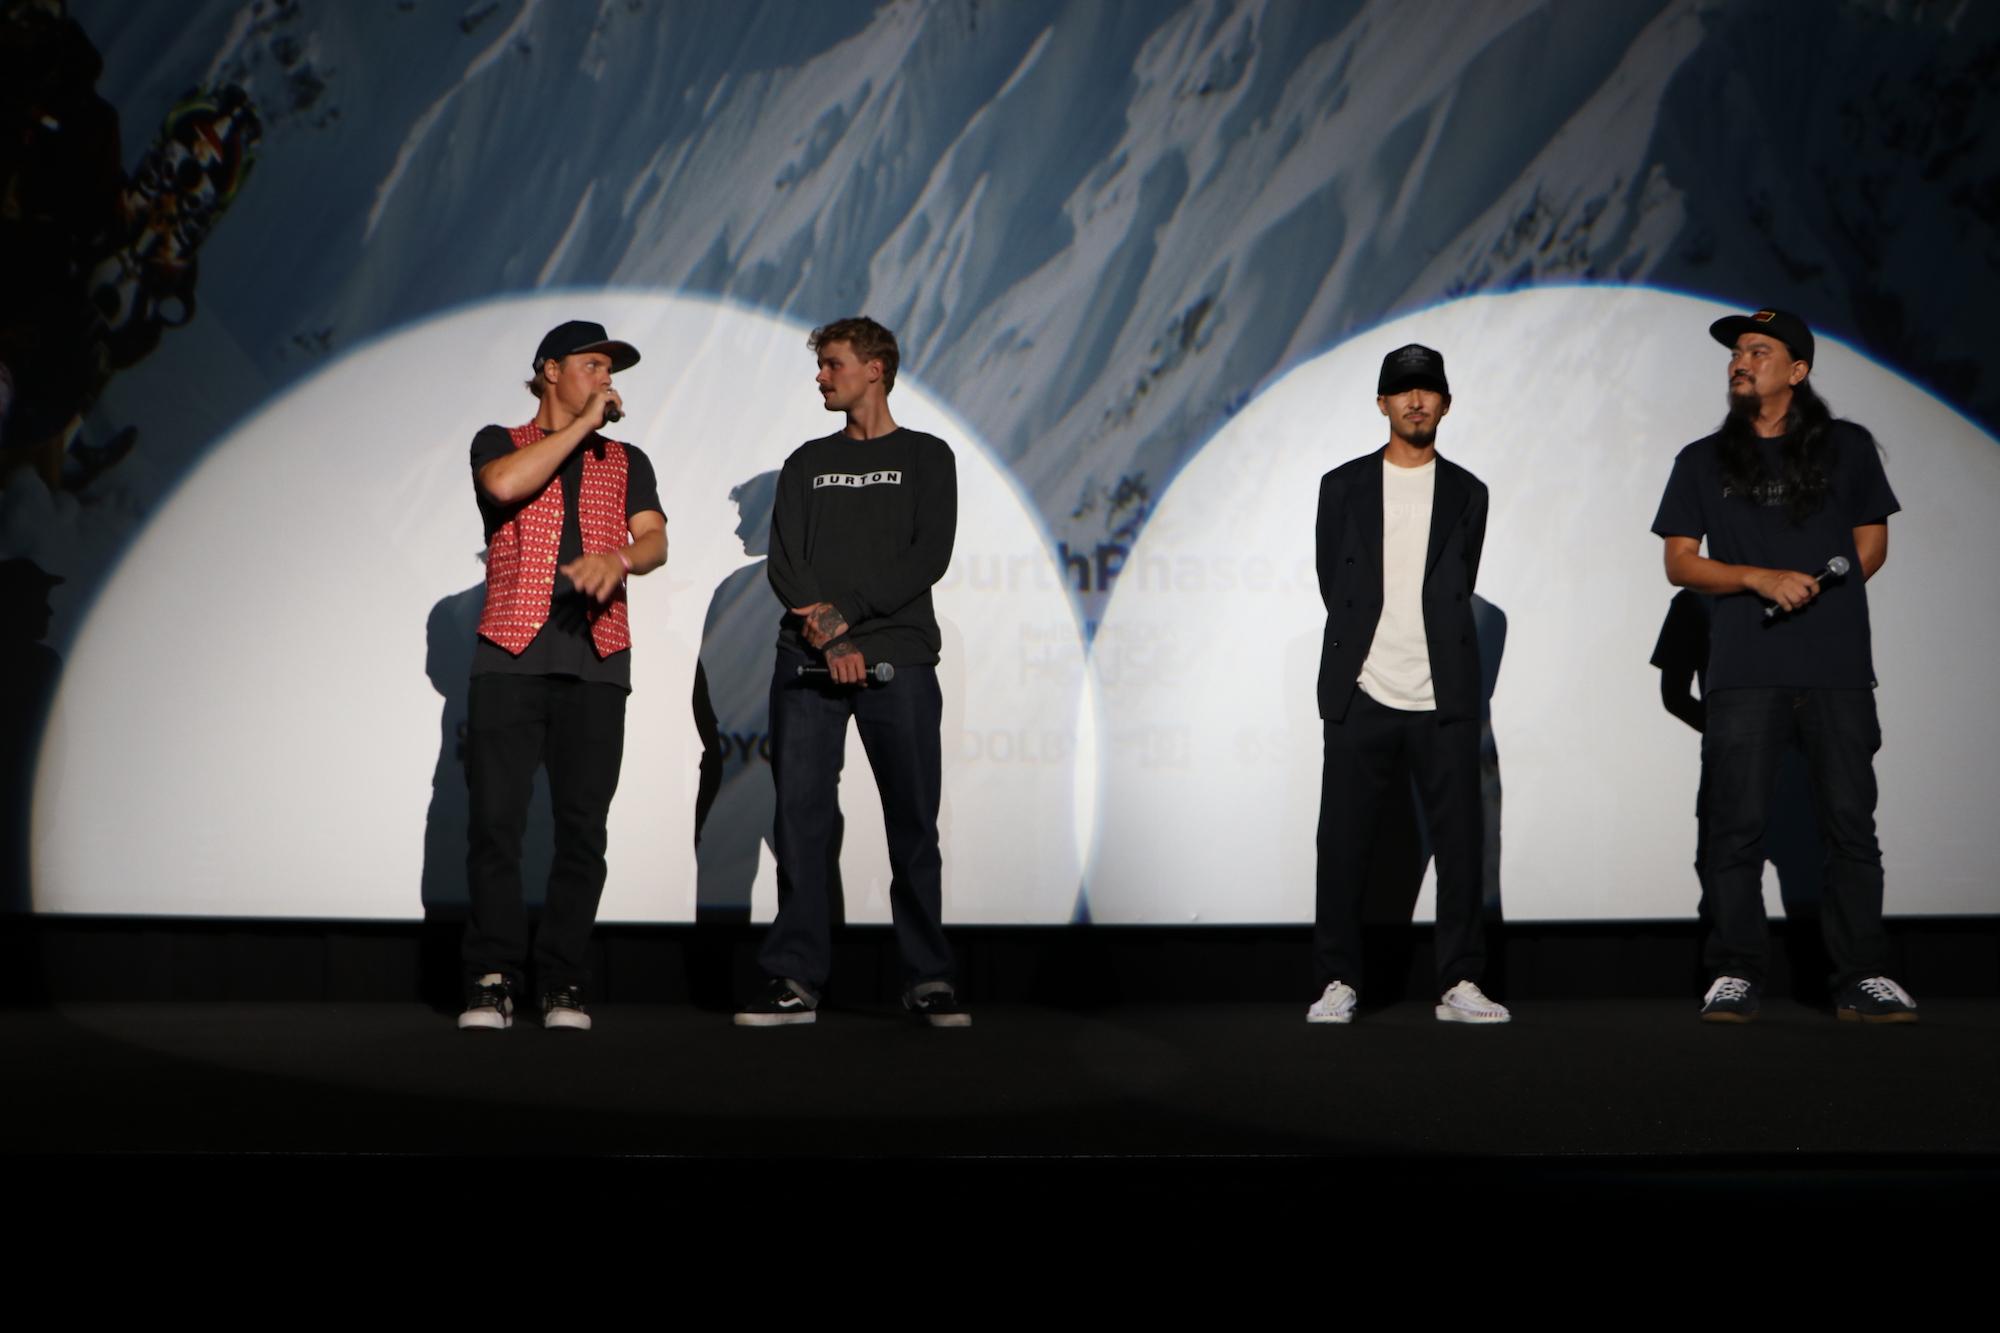 2016年9月15日、六本木ヒルズにて、制作期間4年をかけたトラヴィス・ライスの新作映像『The Fourth Phase』のJapan Premiereが行われた。